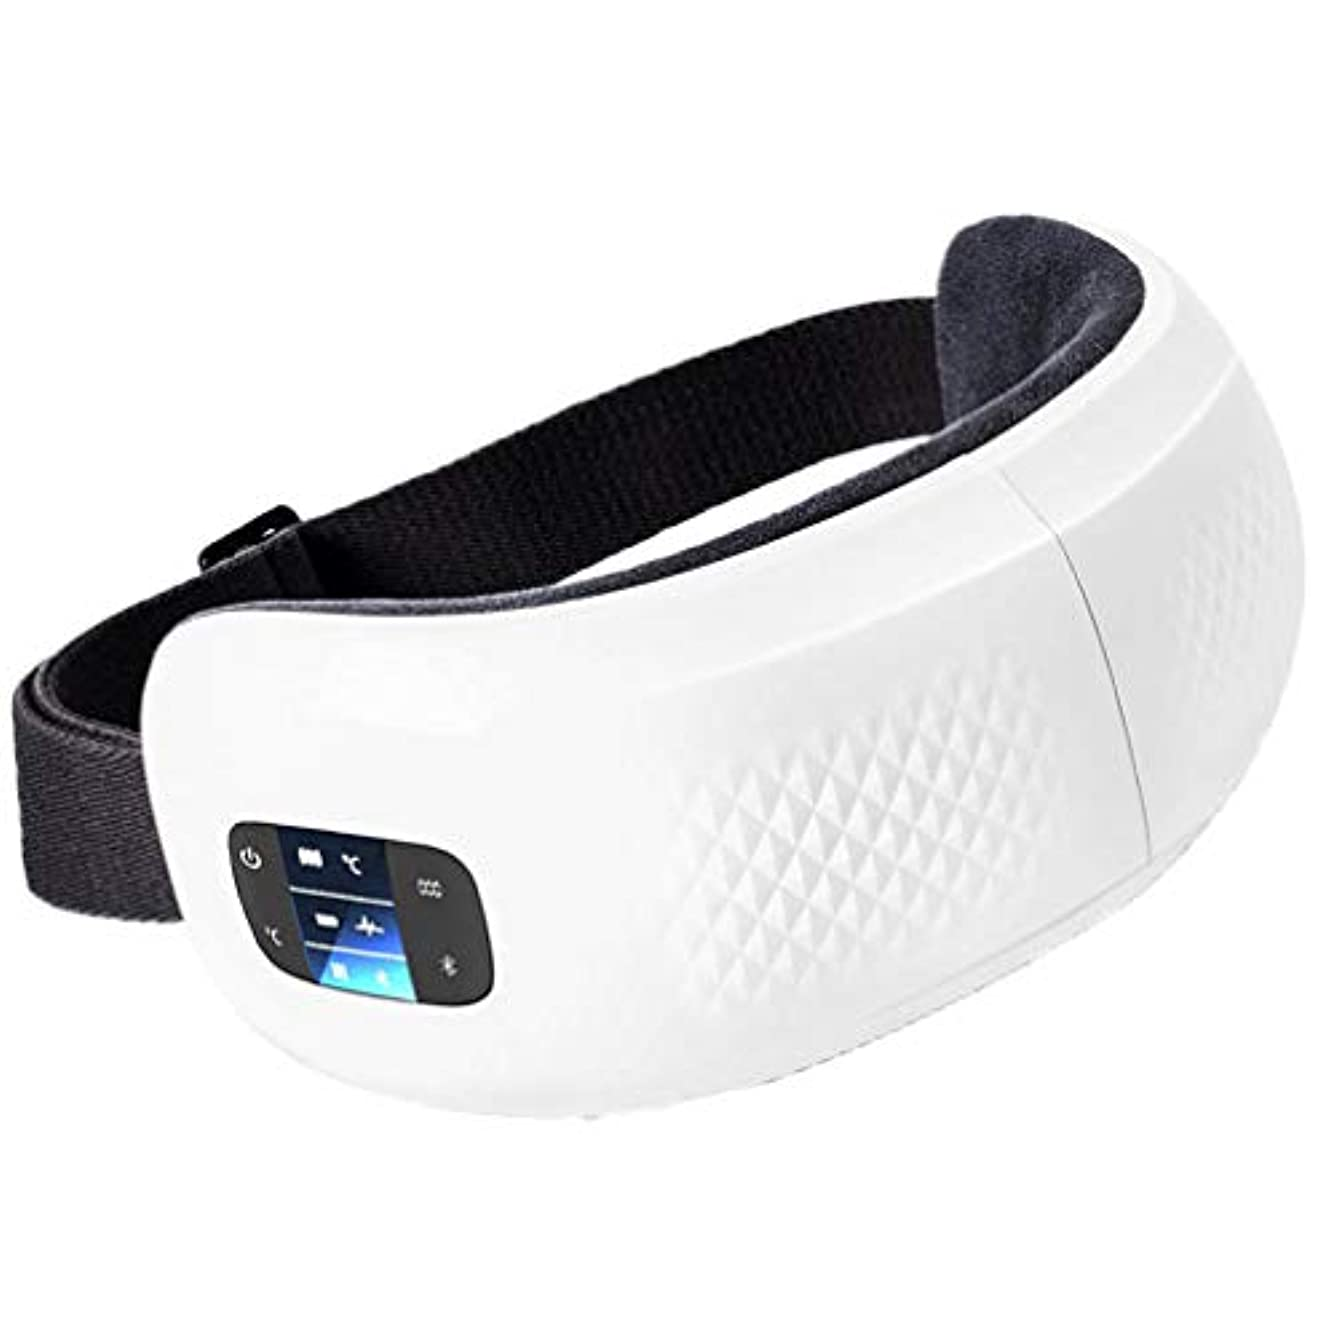 チューリップ木材誕生折り畳み式のワイヤレス電動アイマッサージャー振動マッサージ、熱/音楽/空気圧縮機能で目をリラックスさせ、くまや頭のストレスを軽減